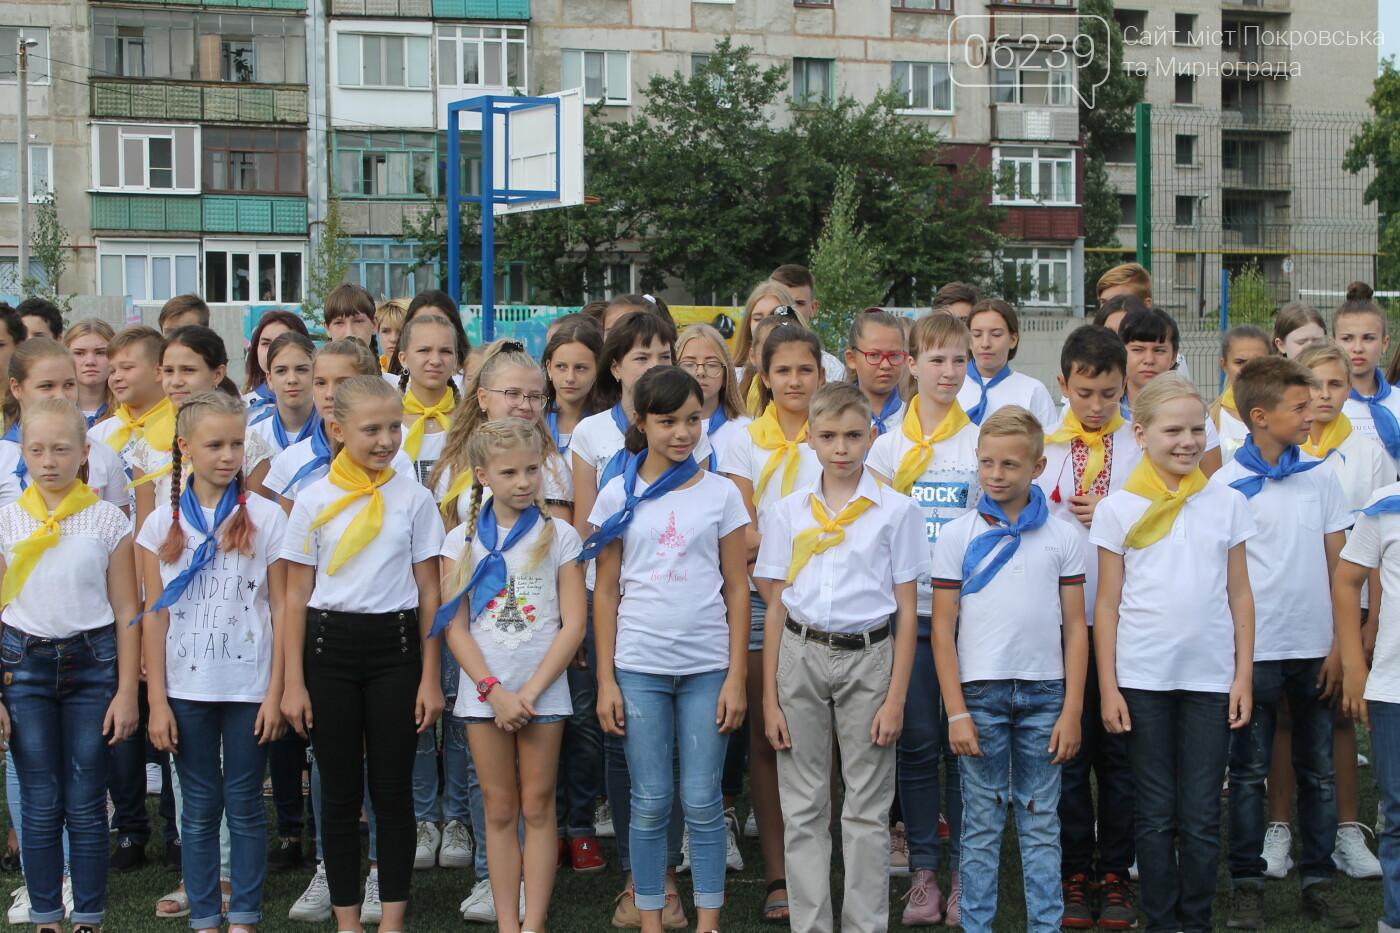 В Покровске День флага отметили праздничным флешмобом (ФОТО), фото-1